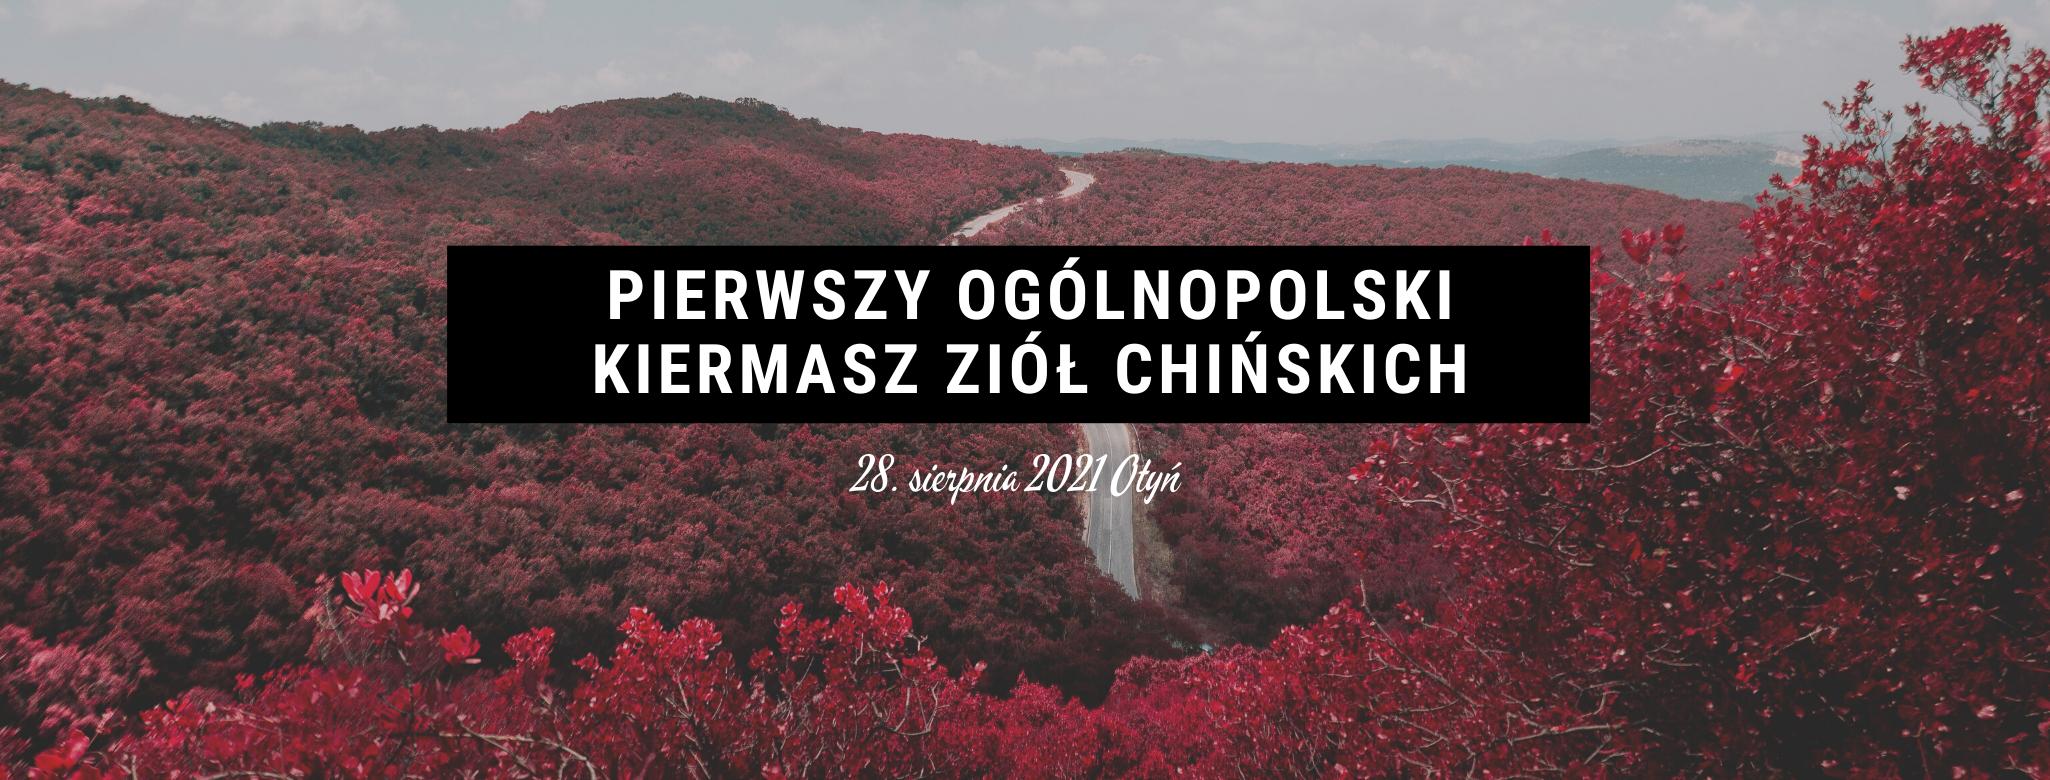 Pierwszy Ogólnopolski Kiermasz Ziół Chińskich w Otyniu na Ziemi Lubuskiej